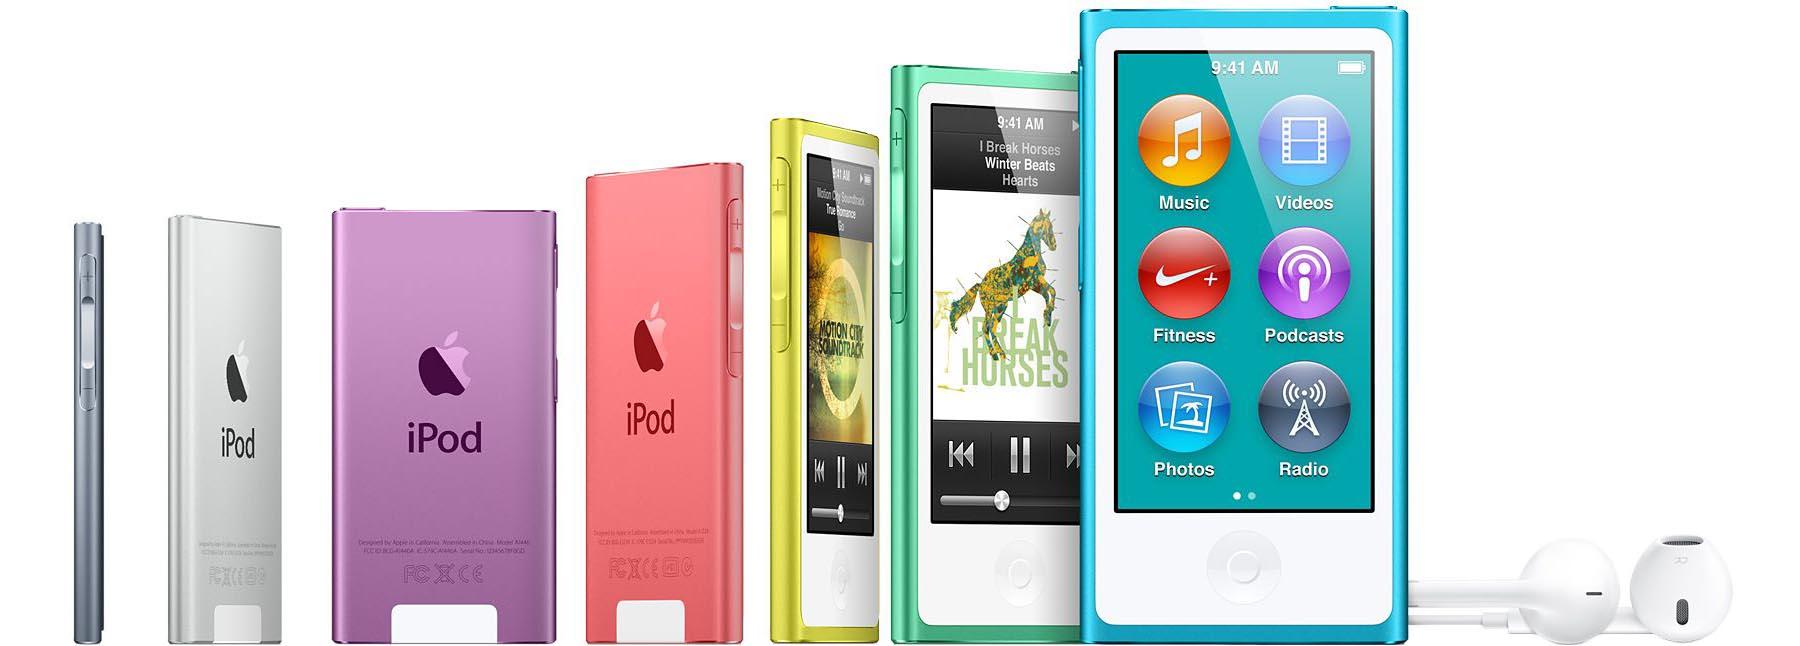 Photo iPod nano